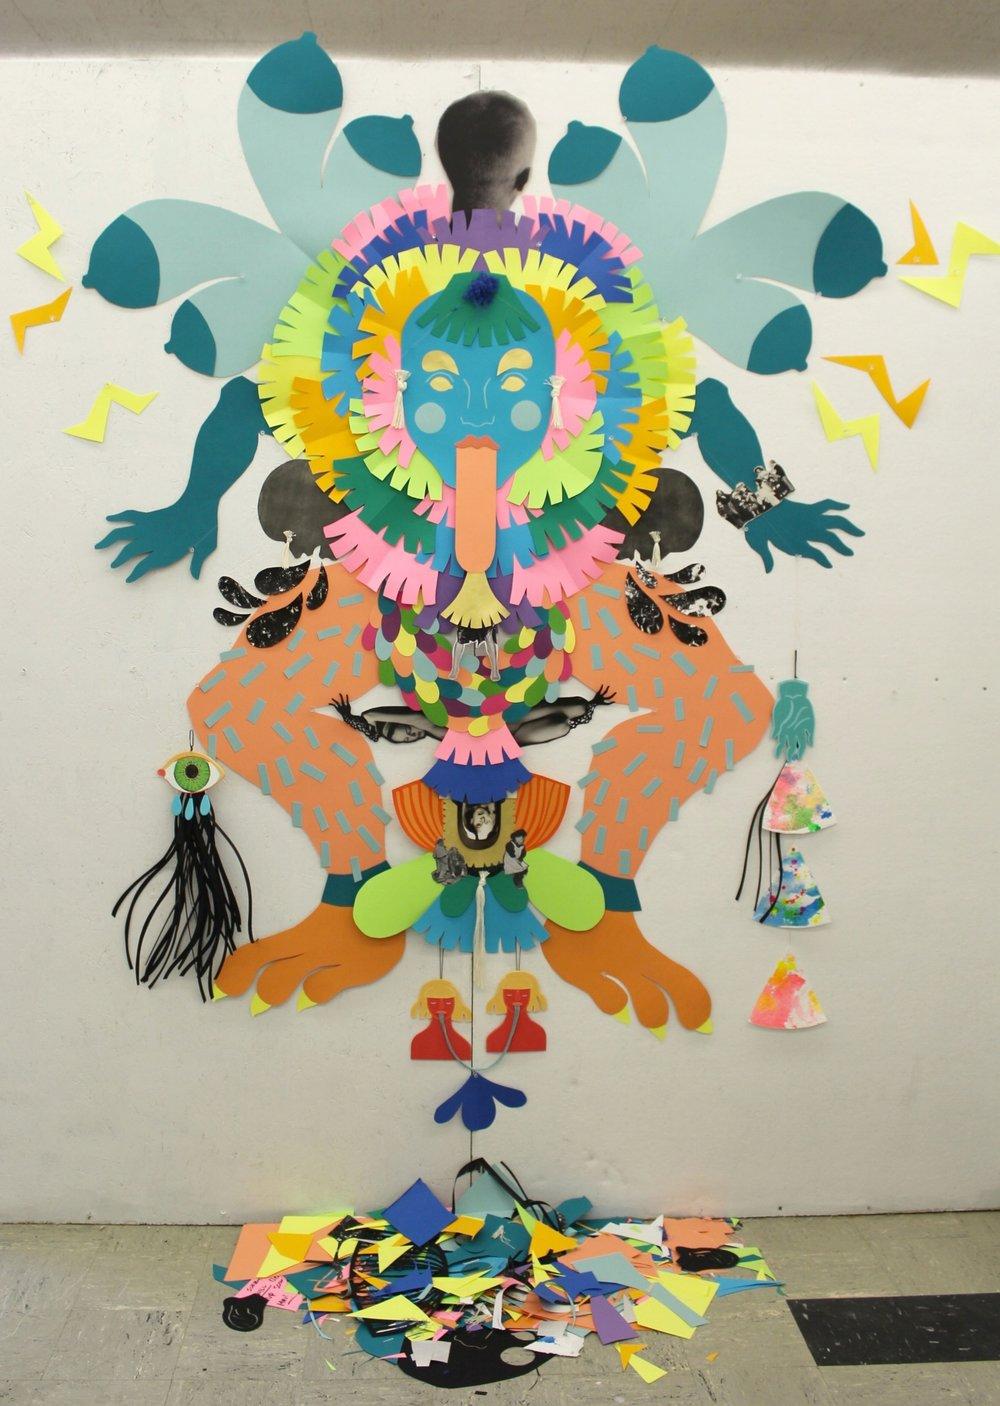 Untitled (Monstrous Feminine/Feminine Monster)